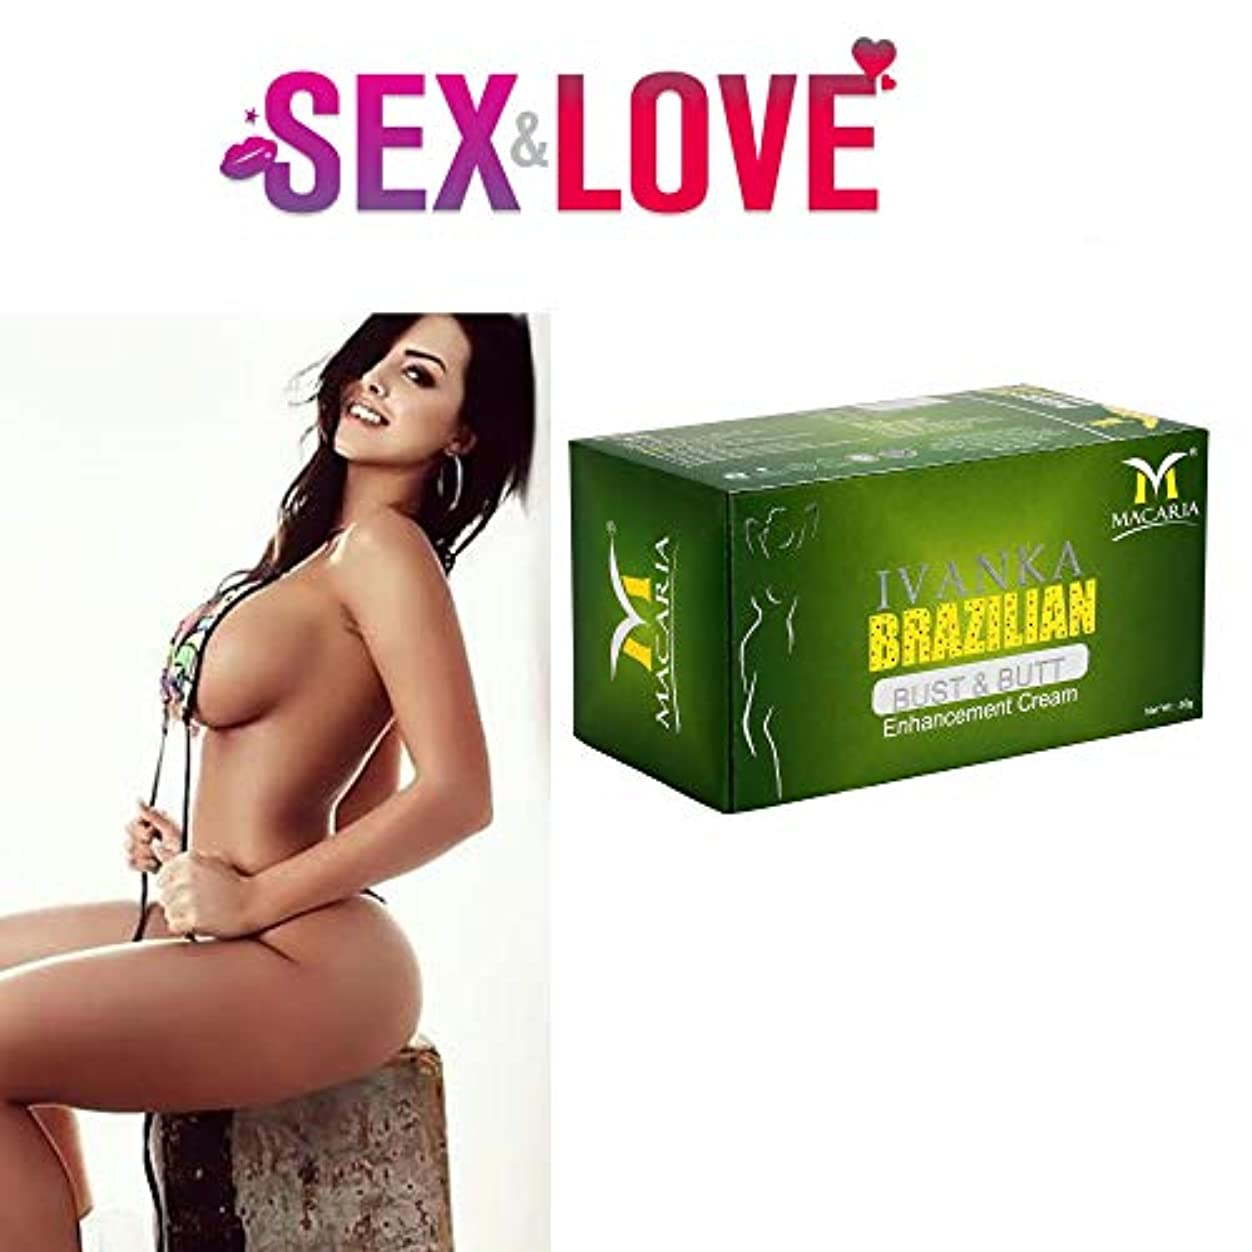 フットボールアリーナ聖歌Breast Enhancement Cream - Natural Breast